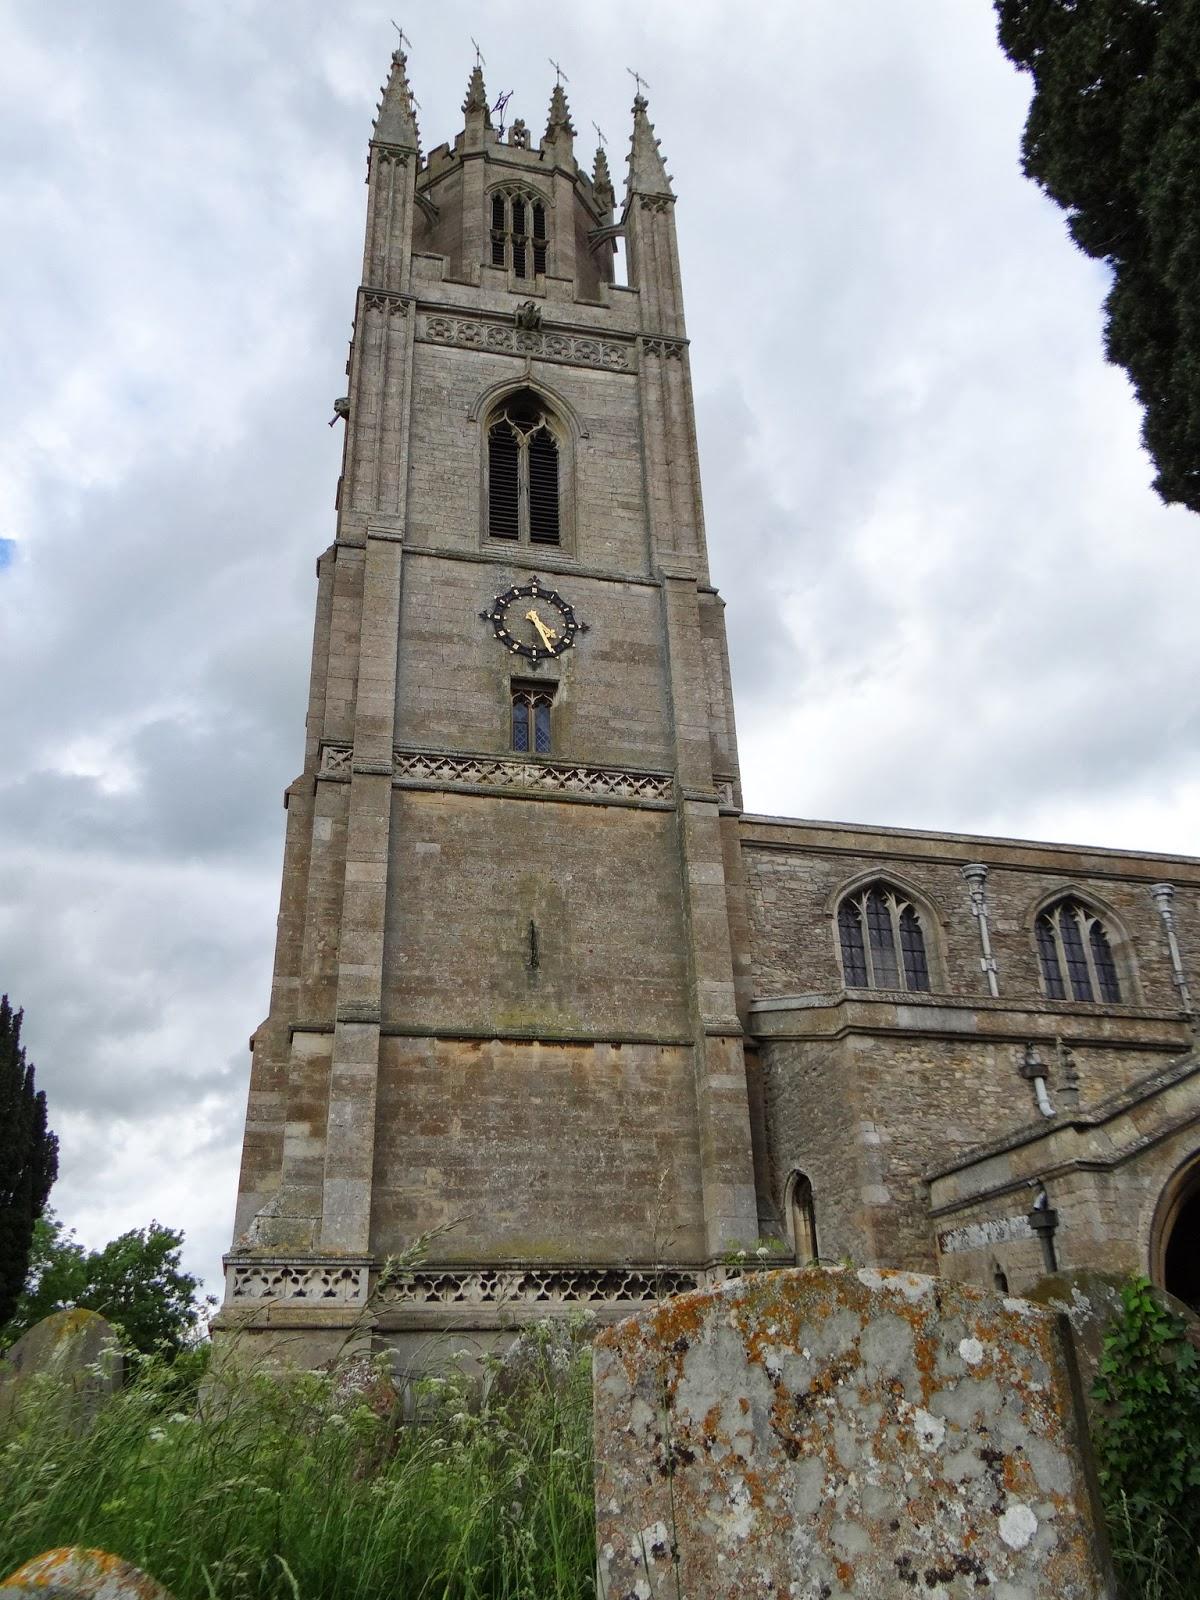 Lowick Church Tower